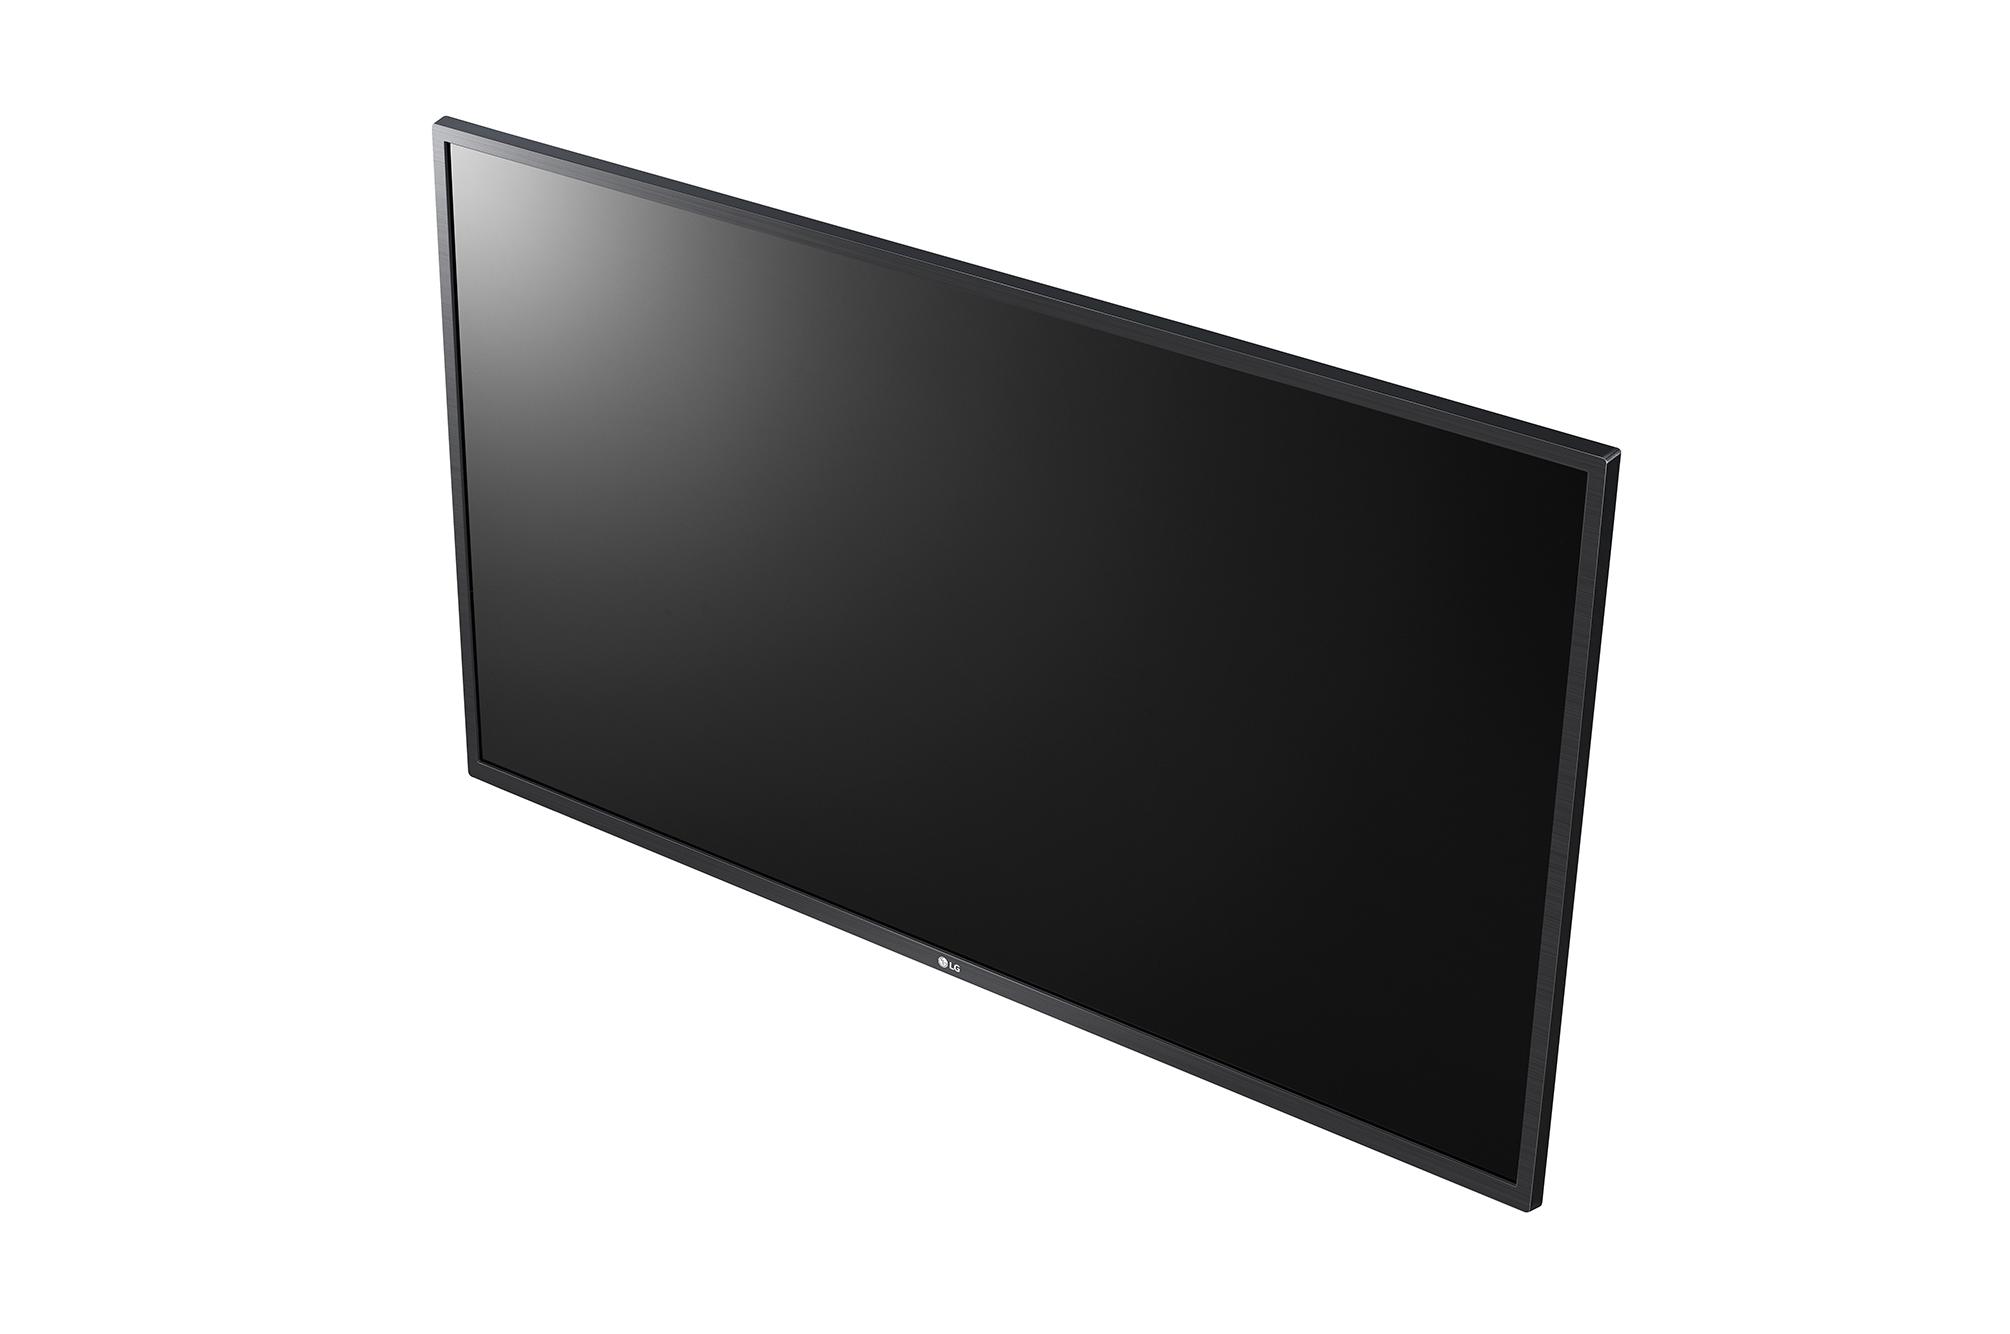 LG Standard Premium 43UL3G-B 7